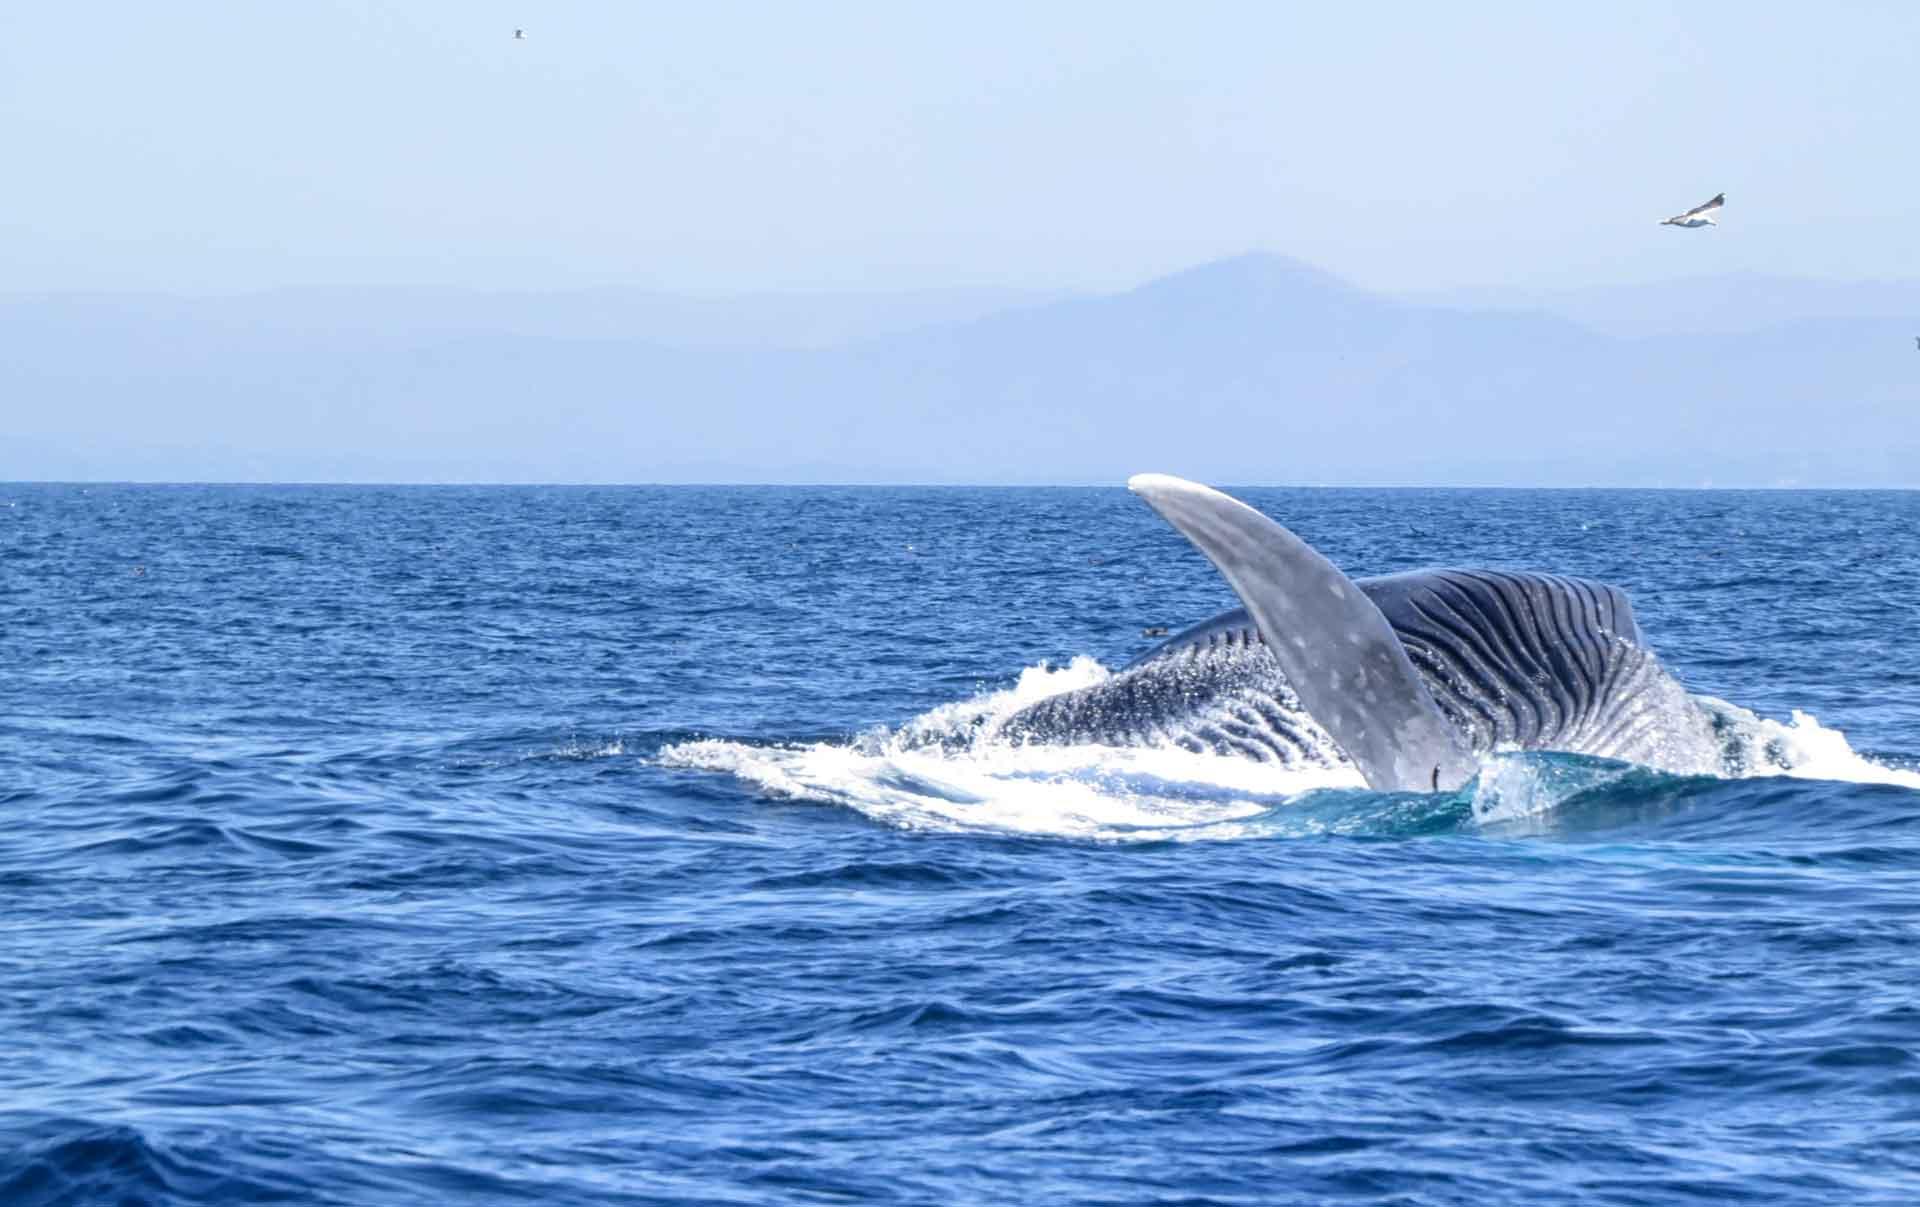 Синий кит питается крилем